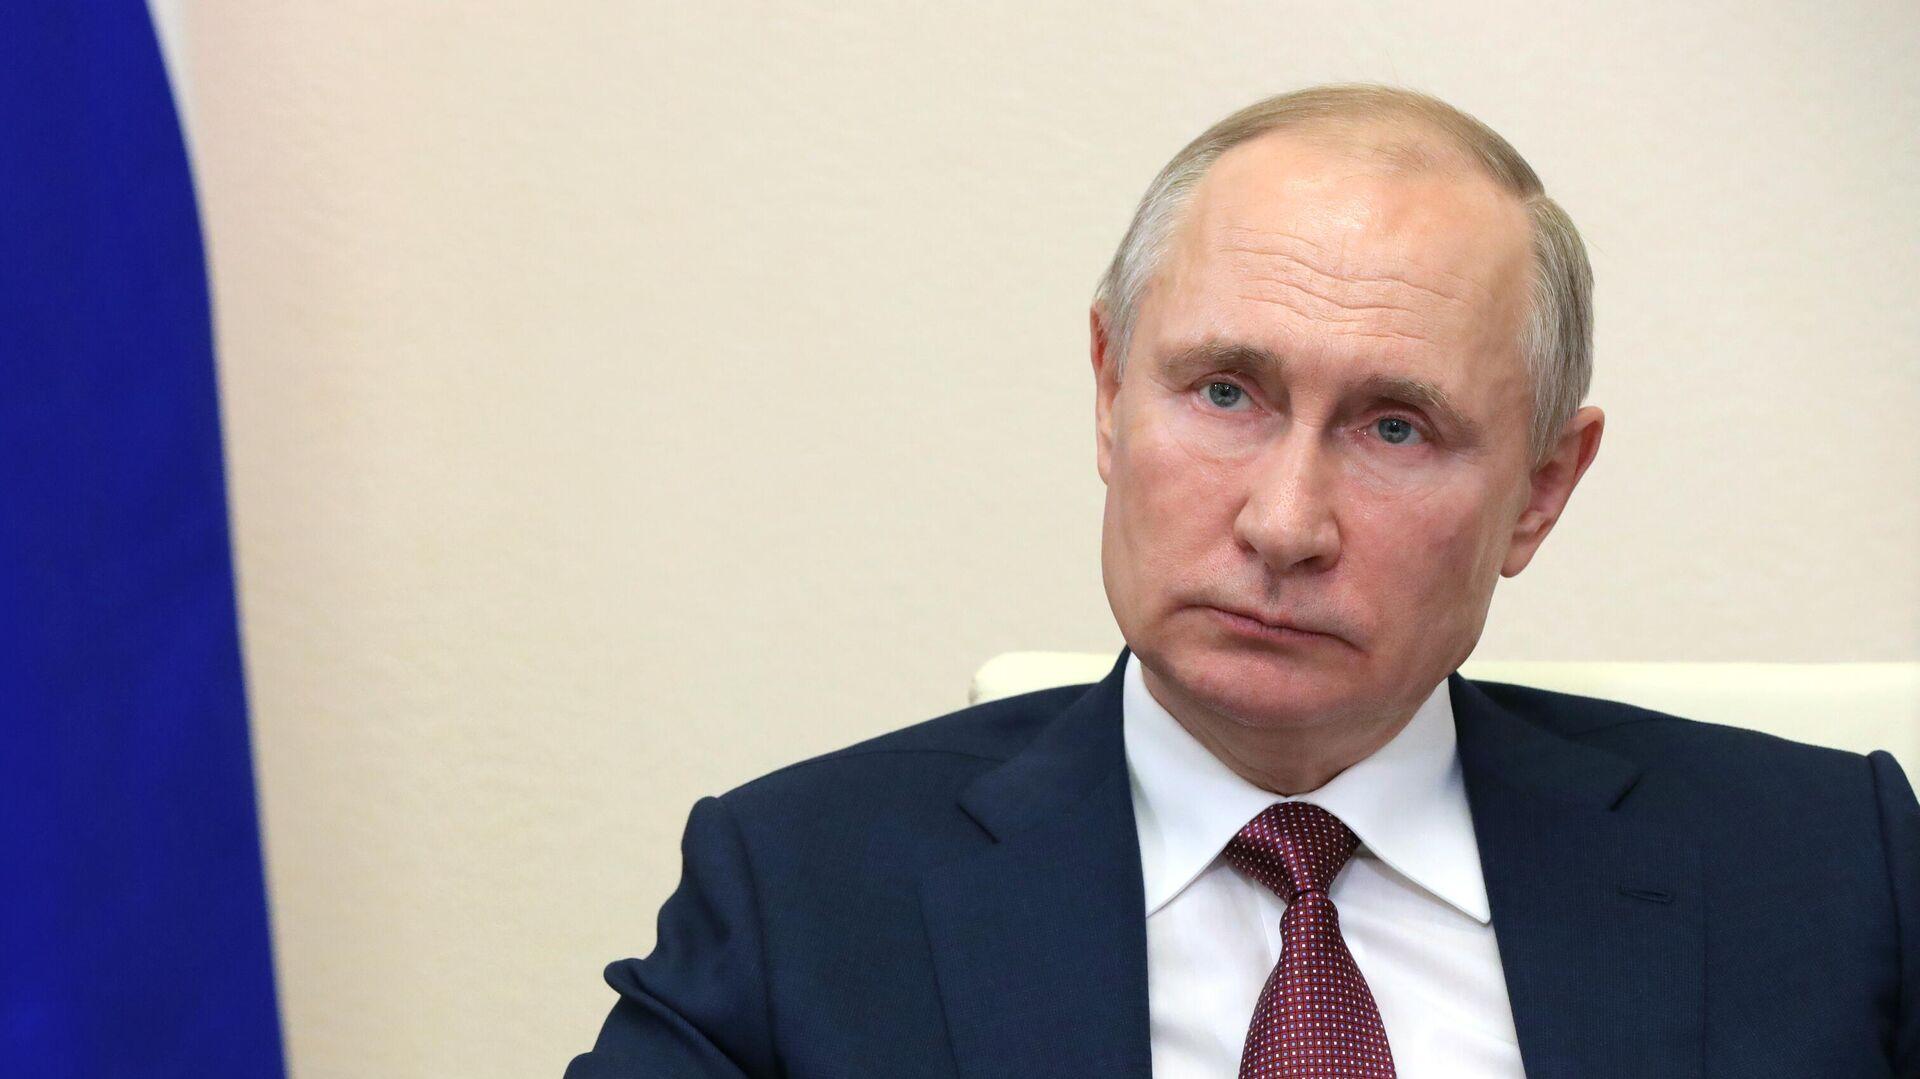 Президент РФ Владимир Путин проводит в режиме видеоконференции совещание с членами правительства РФ - РИА Новости, 1920, 13.01.2021